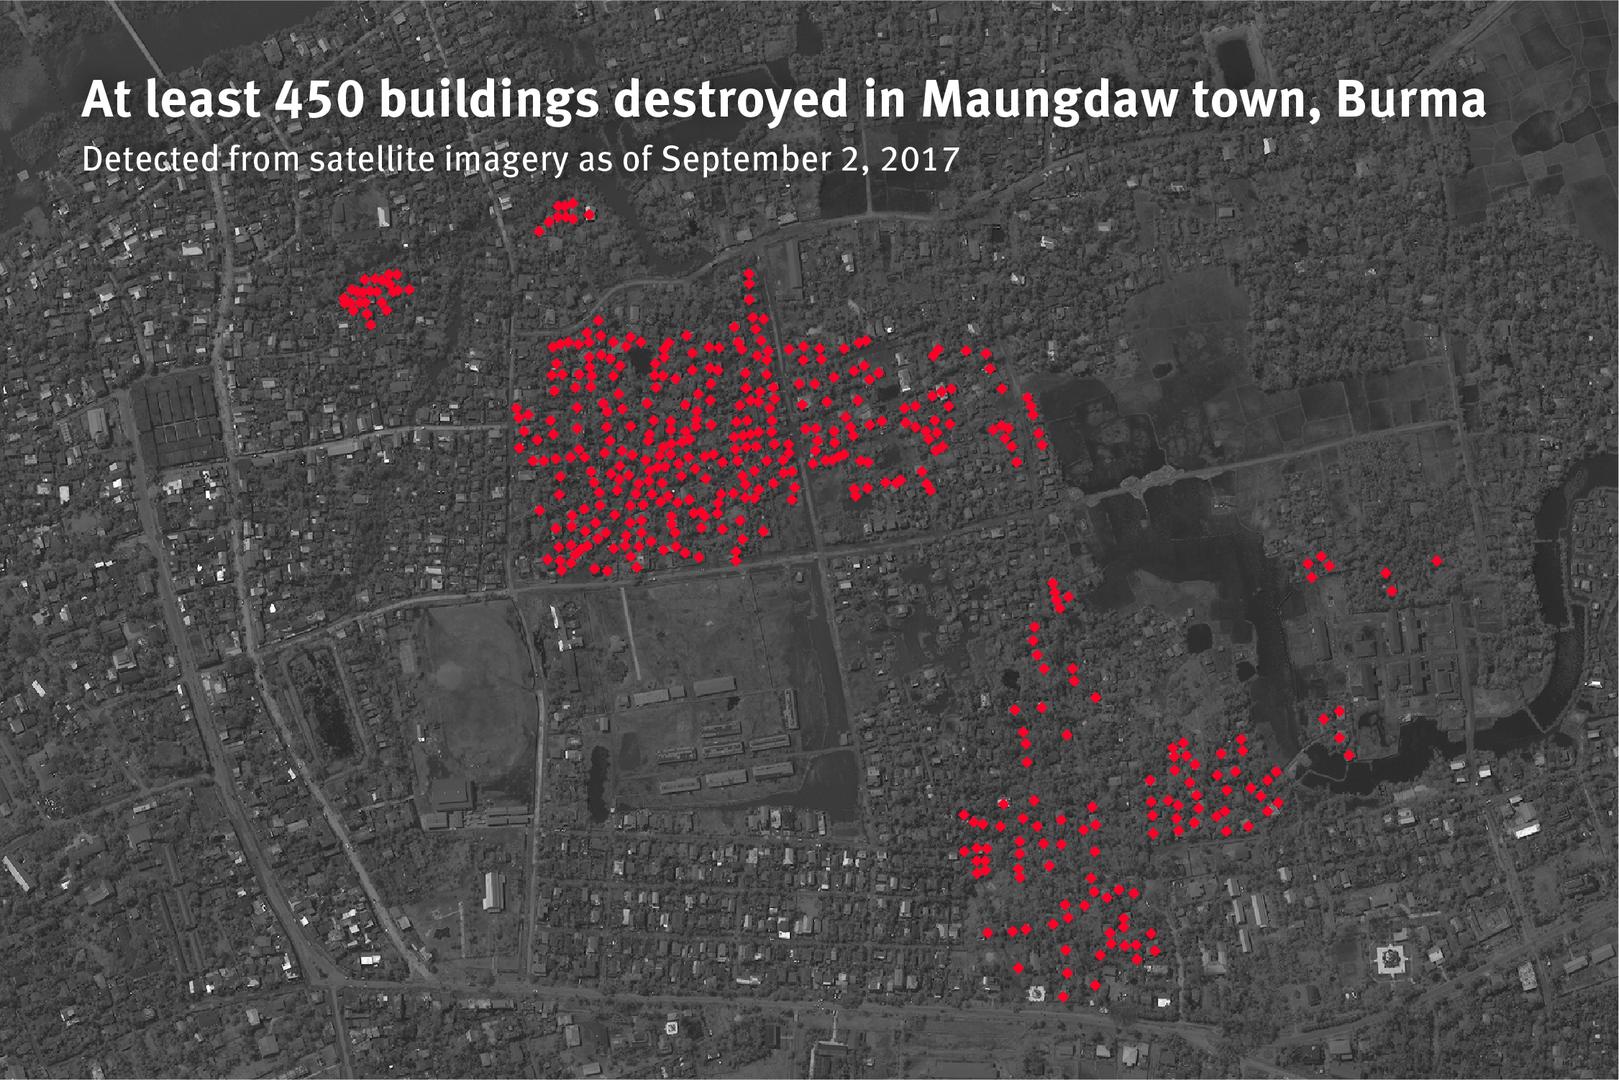 बर्मा के रखाइन राज्य में मोंगडॉ शहर के रोहिंग्या इलाके में अगस्त, 2017 में नष्ट कर दी गई 450 इमारतों के अवशेषों को दर्शाता नक्शा.